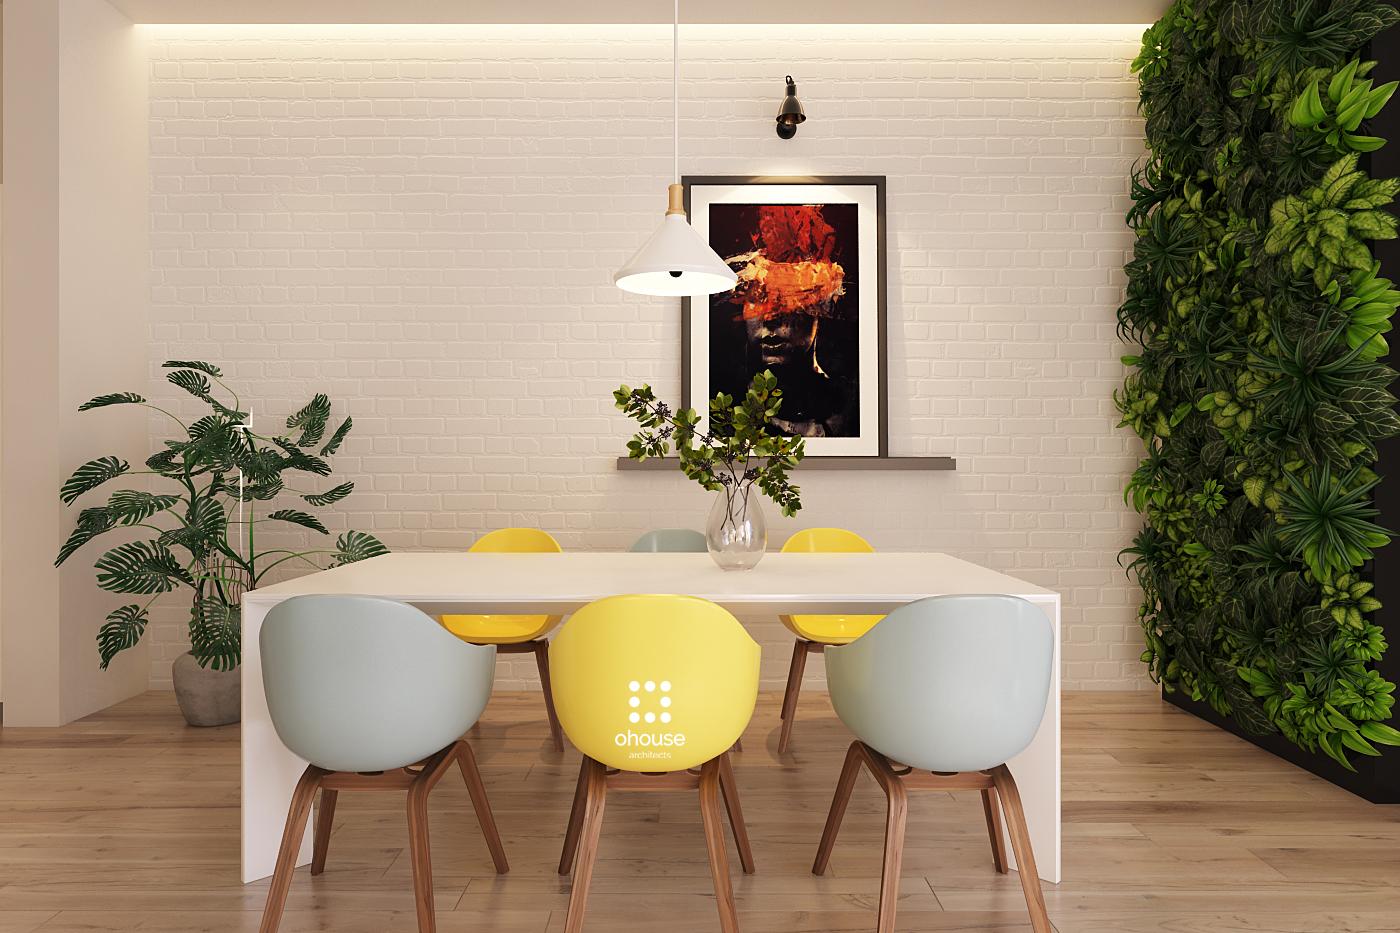 Thiết kế nội thất Nhà Mặt Phố tại Hồ Chí Minh Nội thất Nhà Phố Hà Đô 1590593195 0